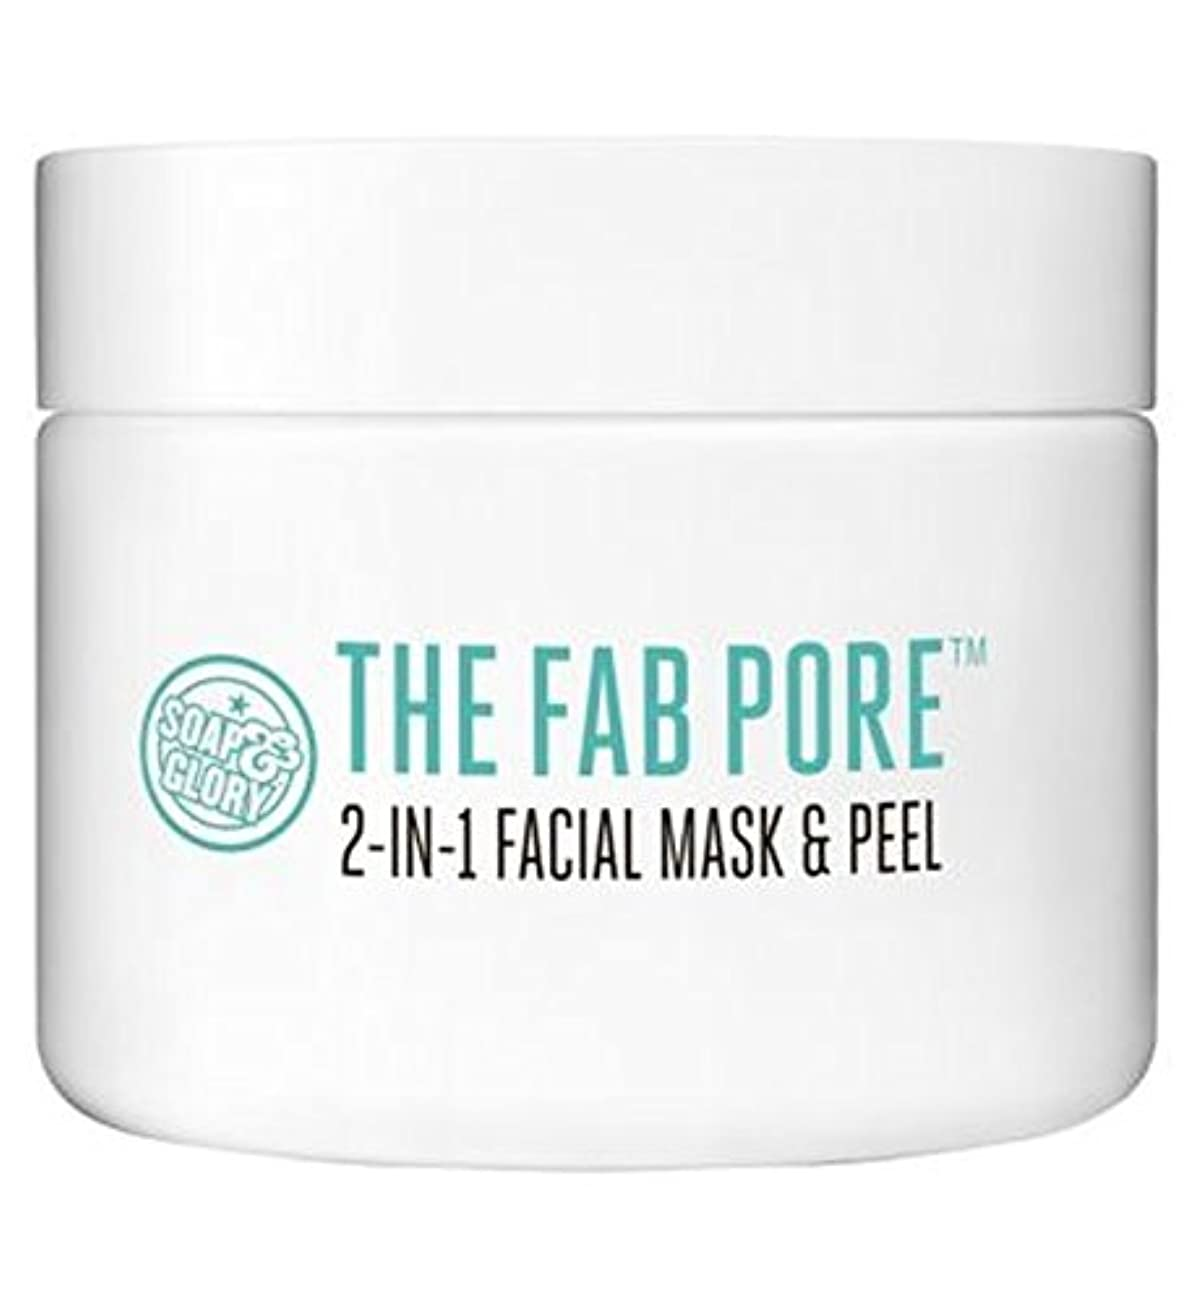 名目上の先のことを考える養うファブ細孔?2イン1顔の細孔浄化マスク&ピール?石鹸&栄光 (Soap & Glory) (x2) - Soap & Glory? Fab Pore? 2-in-1 Facial Pore Purifying Mask...